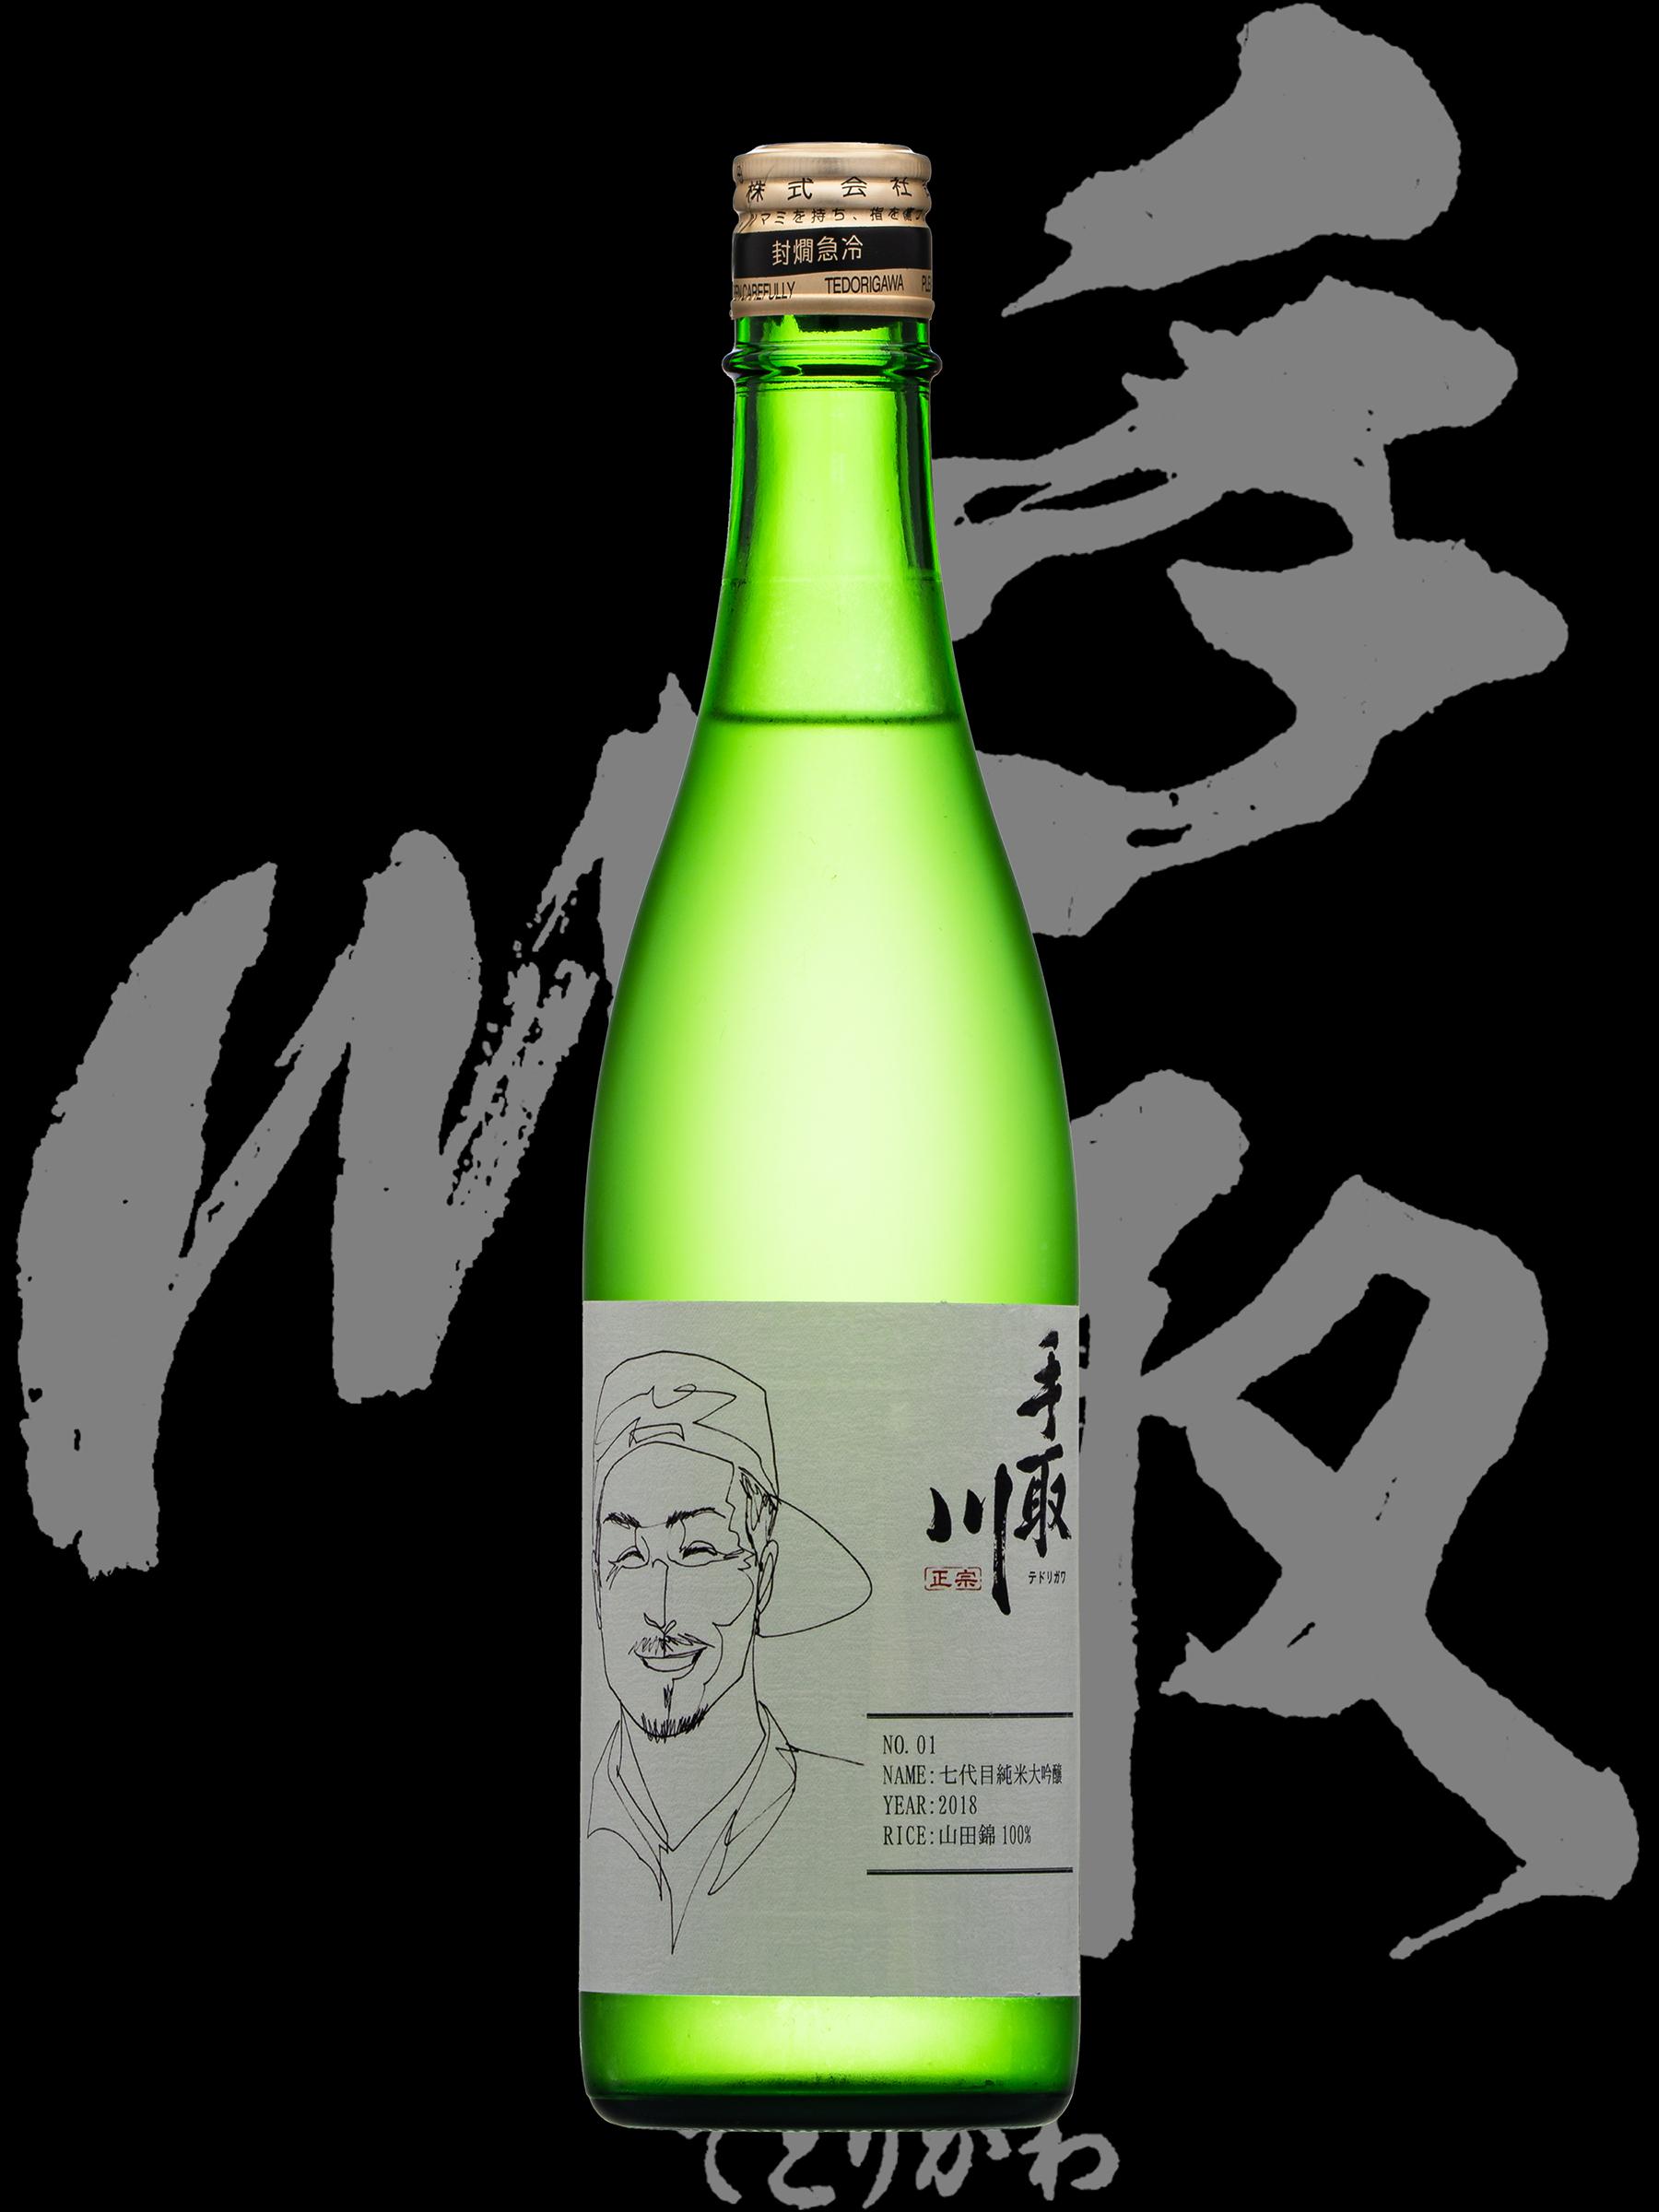 手取川(てどりがわ)「純米大吟醸」出品酒2018No.1七代目